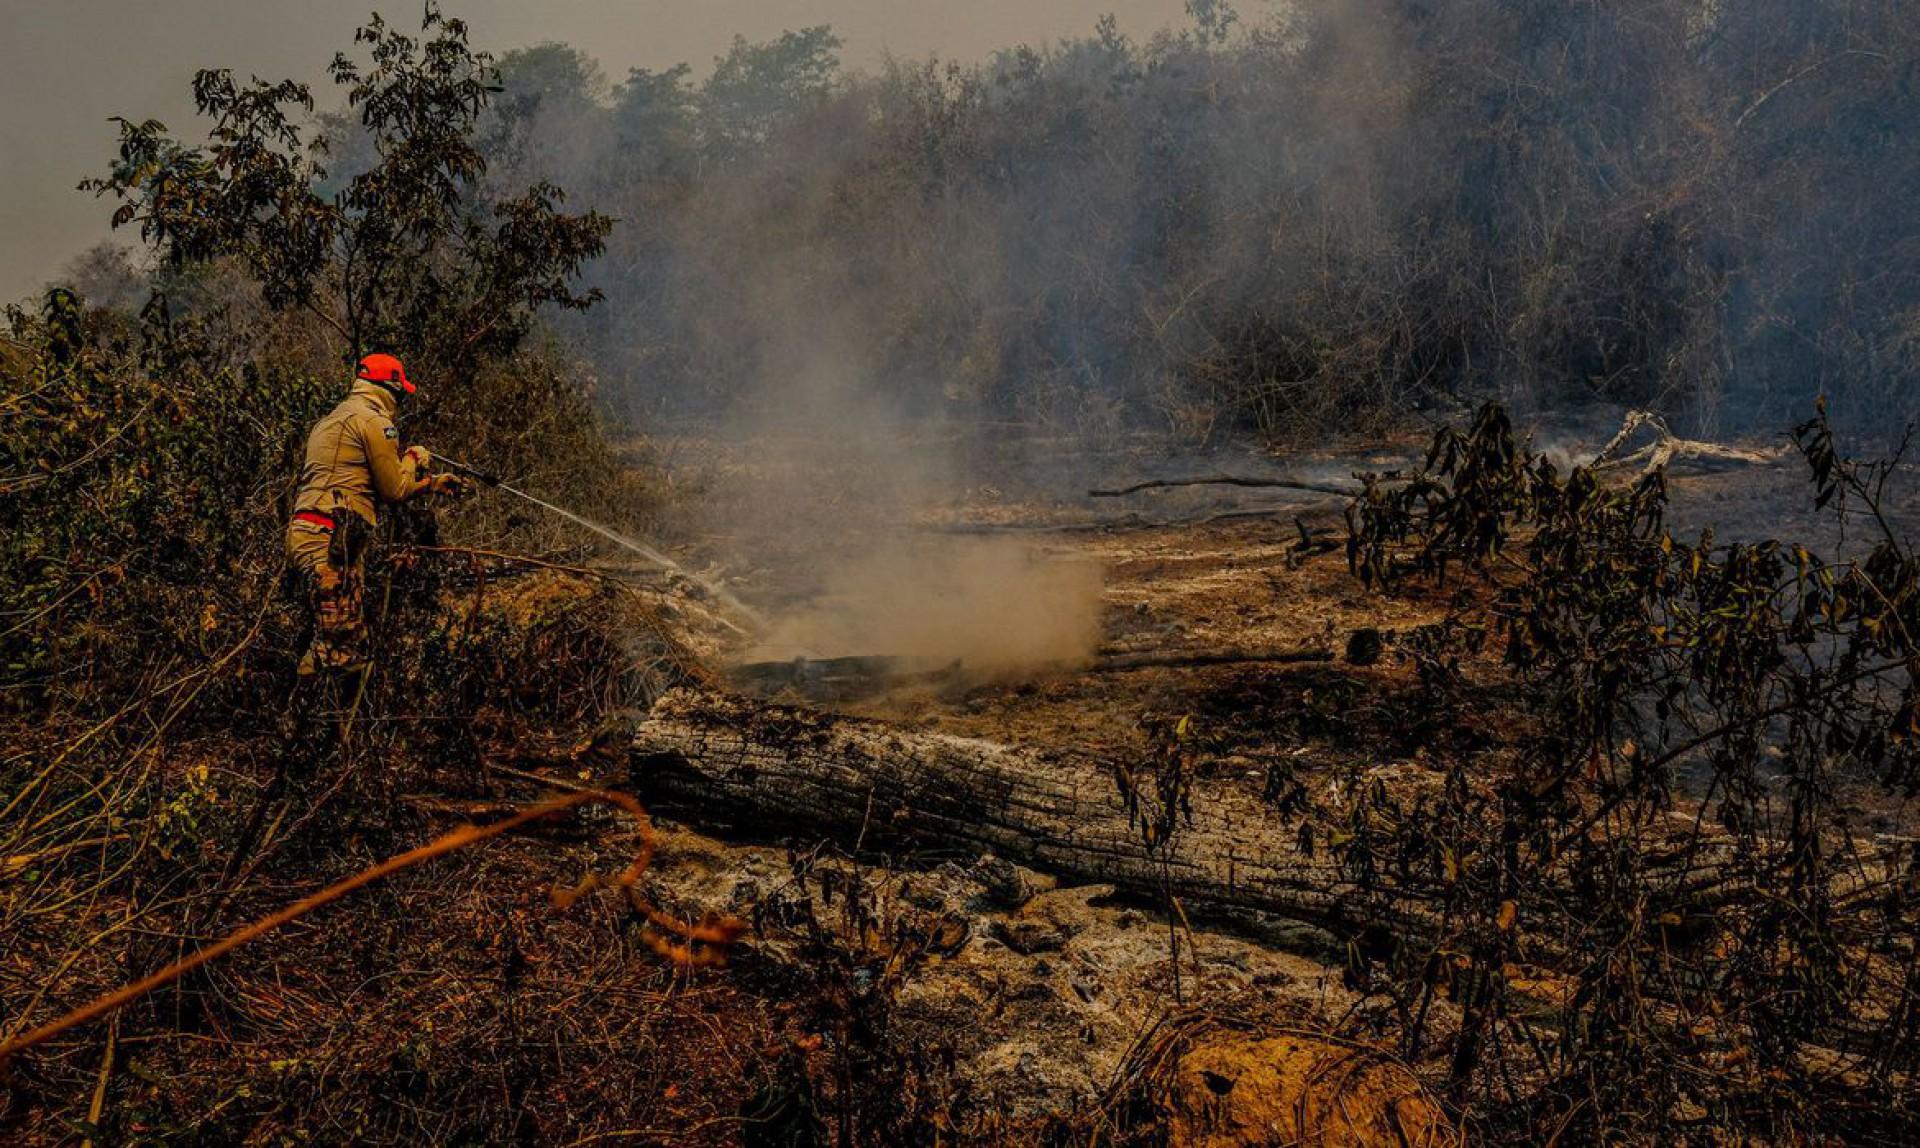 Queimadas no Pantanal e estiagem causam preocupação no MT e MS (Foto: )